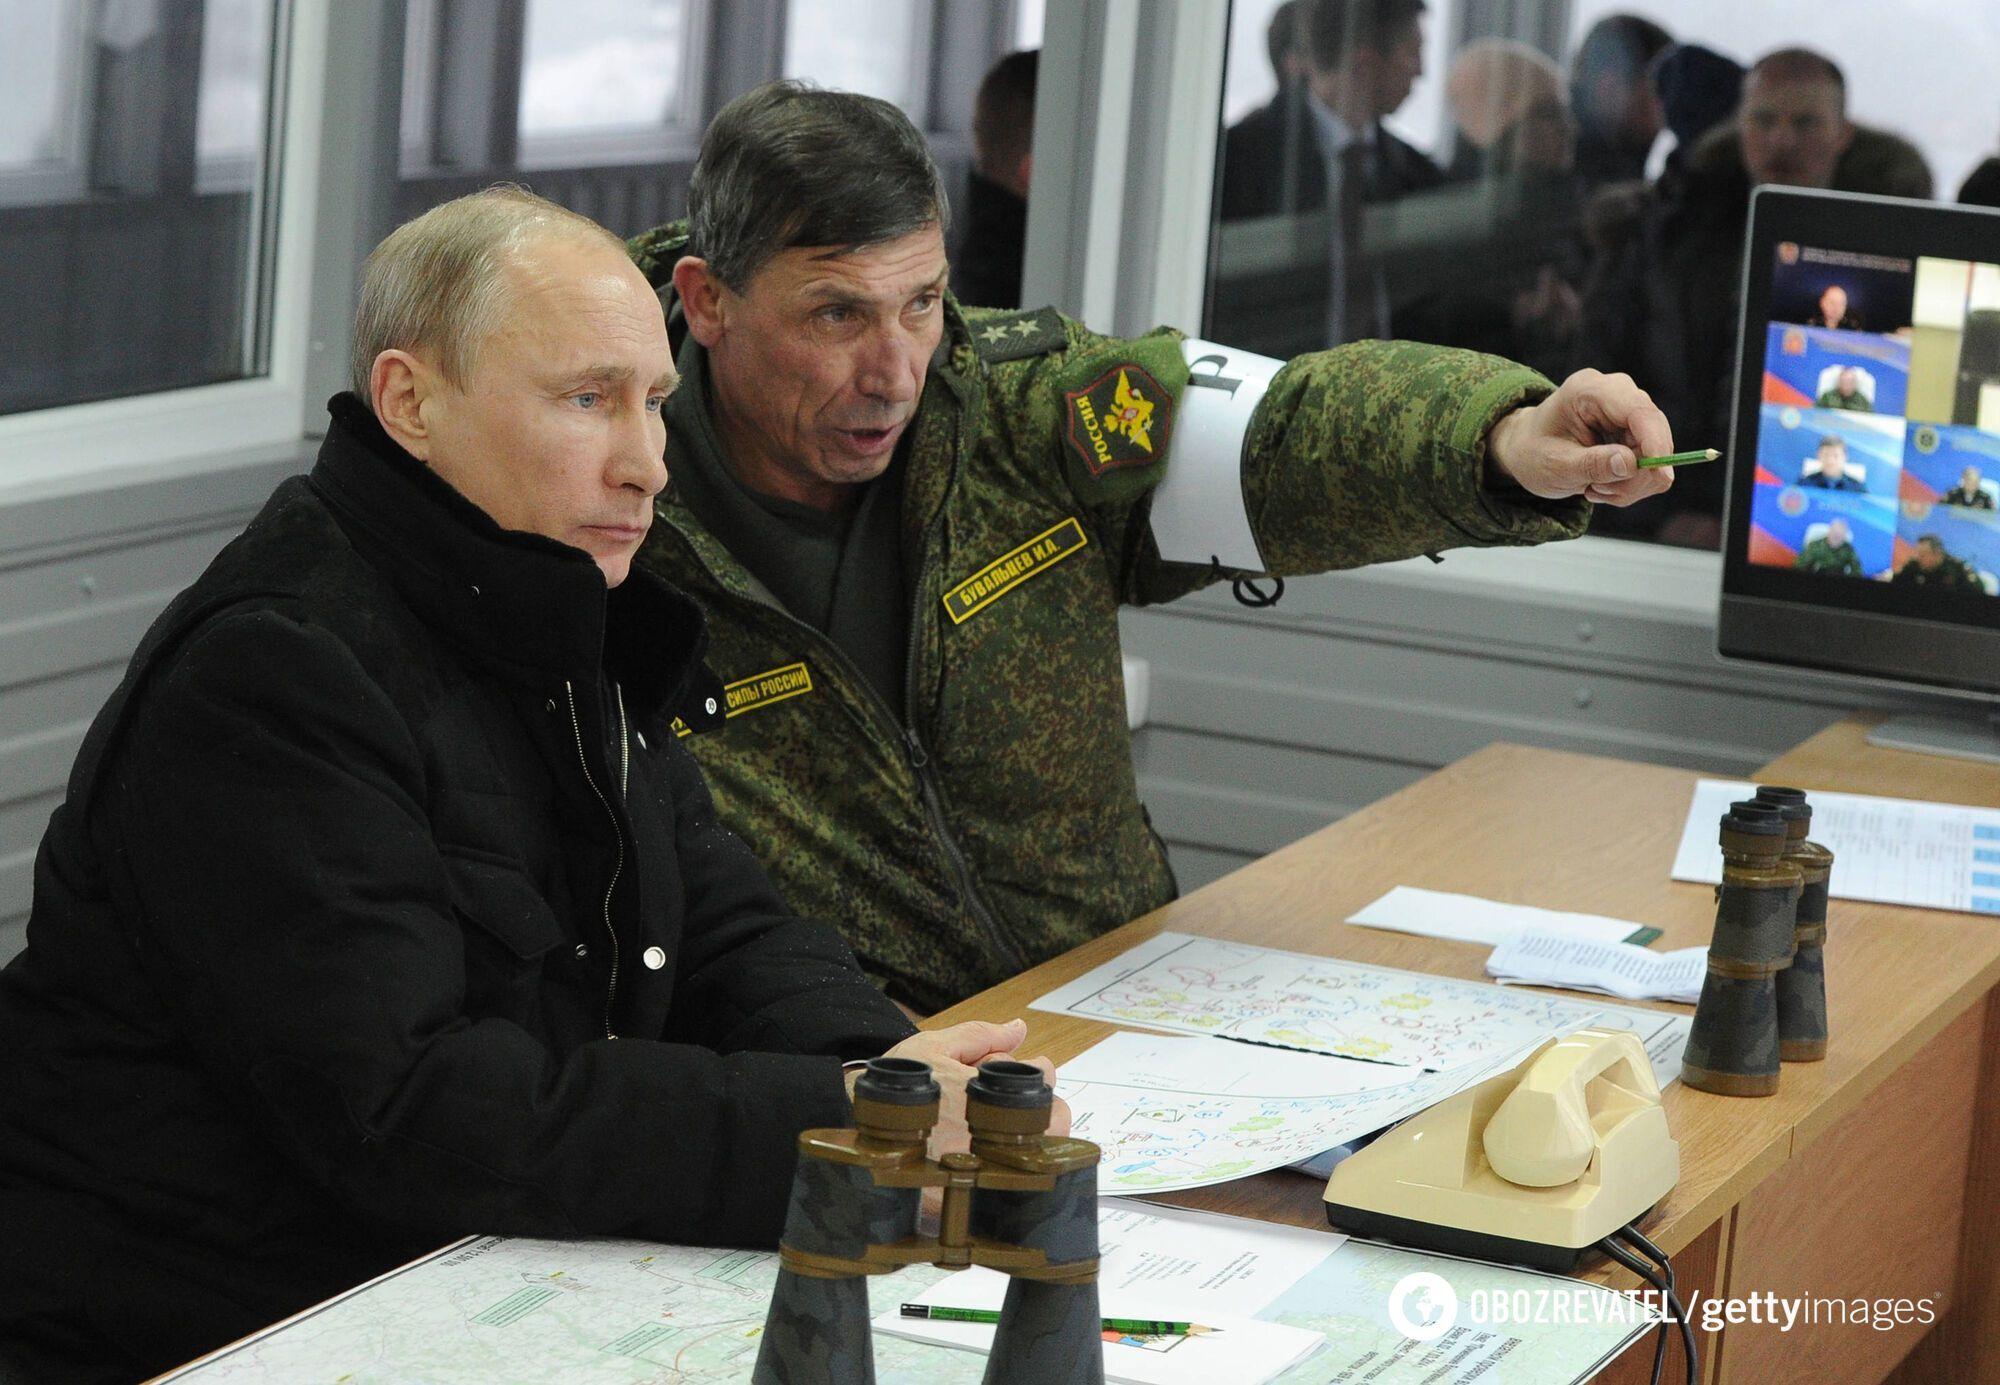 Рішення в РФ ухвалює одна людина, і це небезпечно.